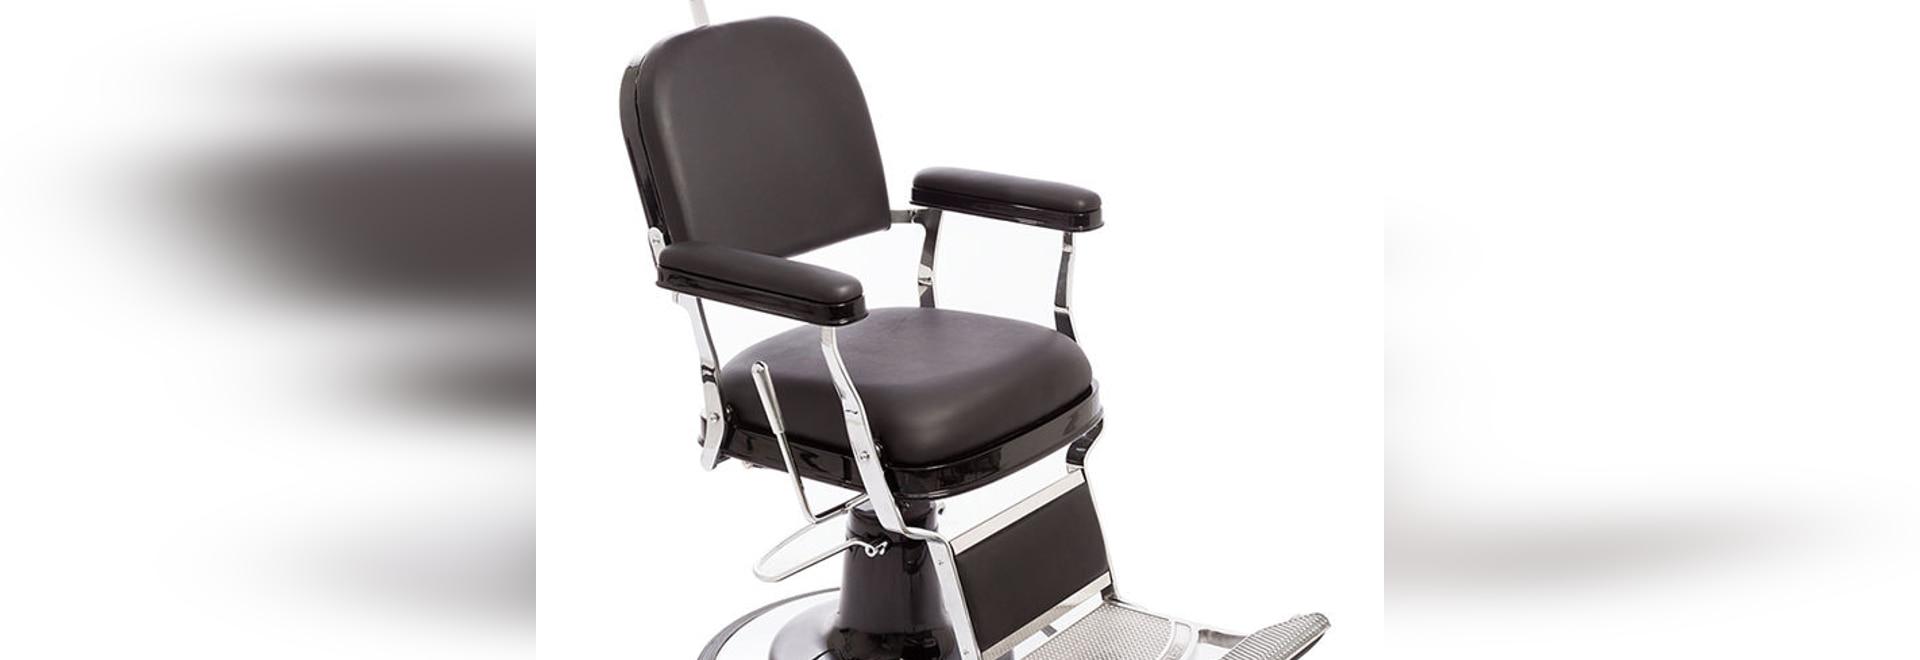 ZERBINI 1906 fauteuil de barbier by Maletti